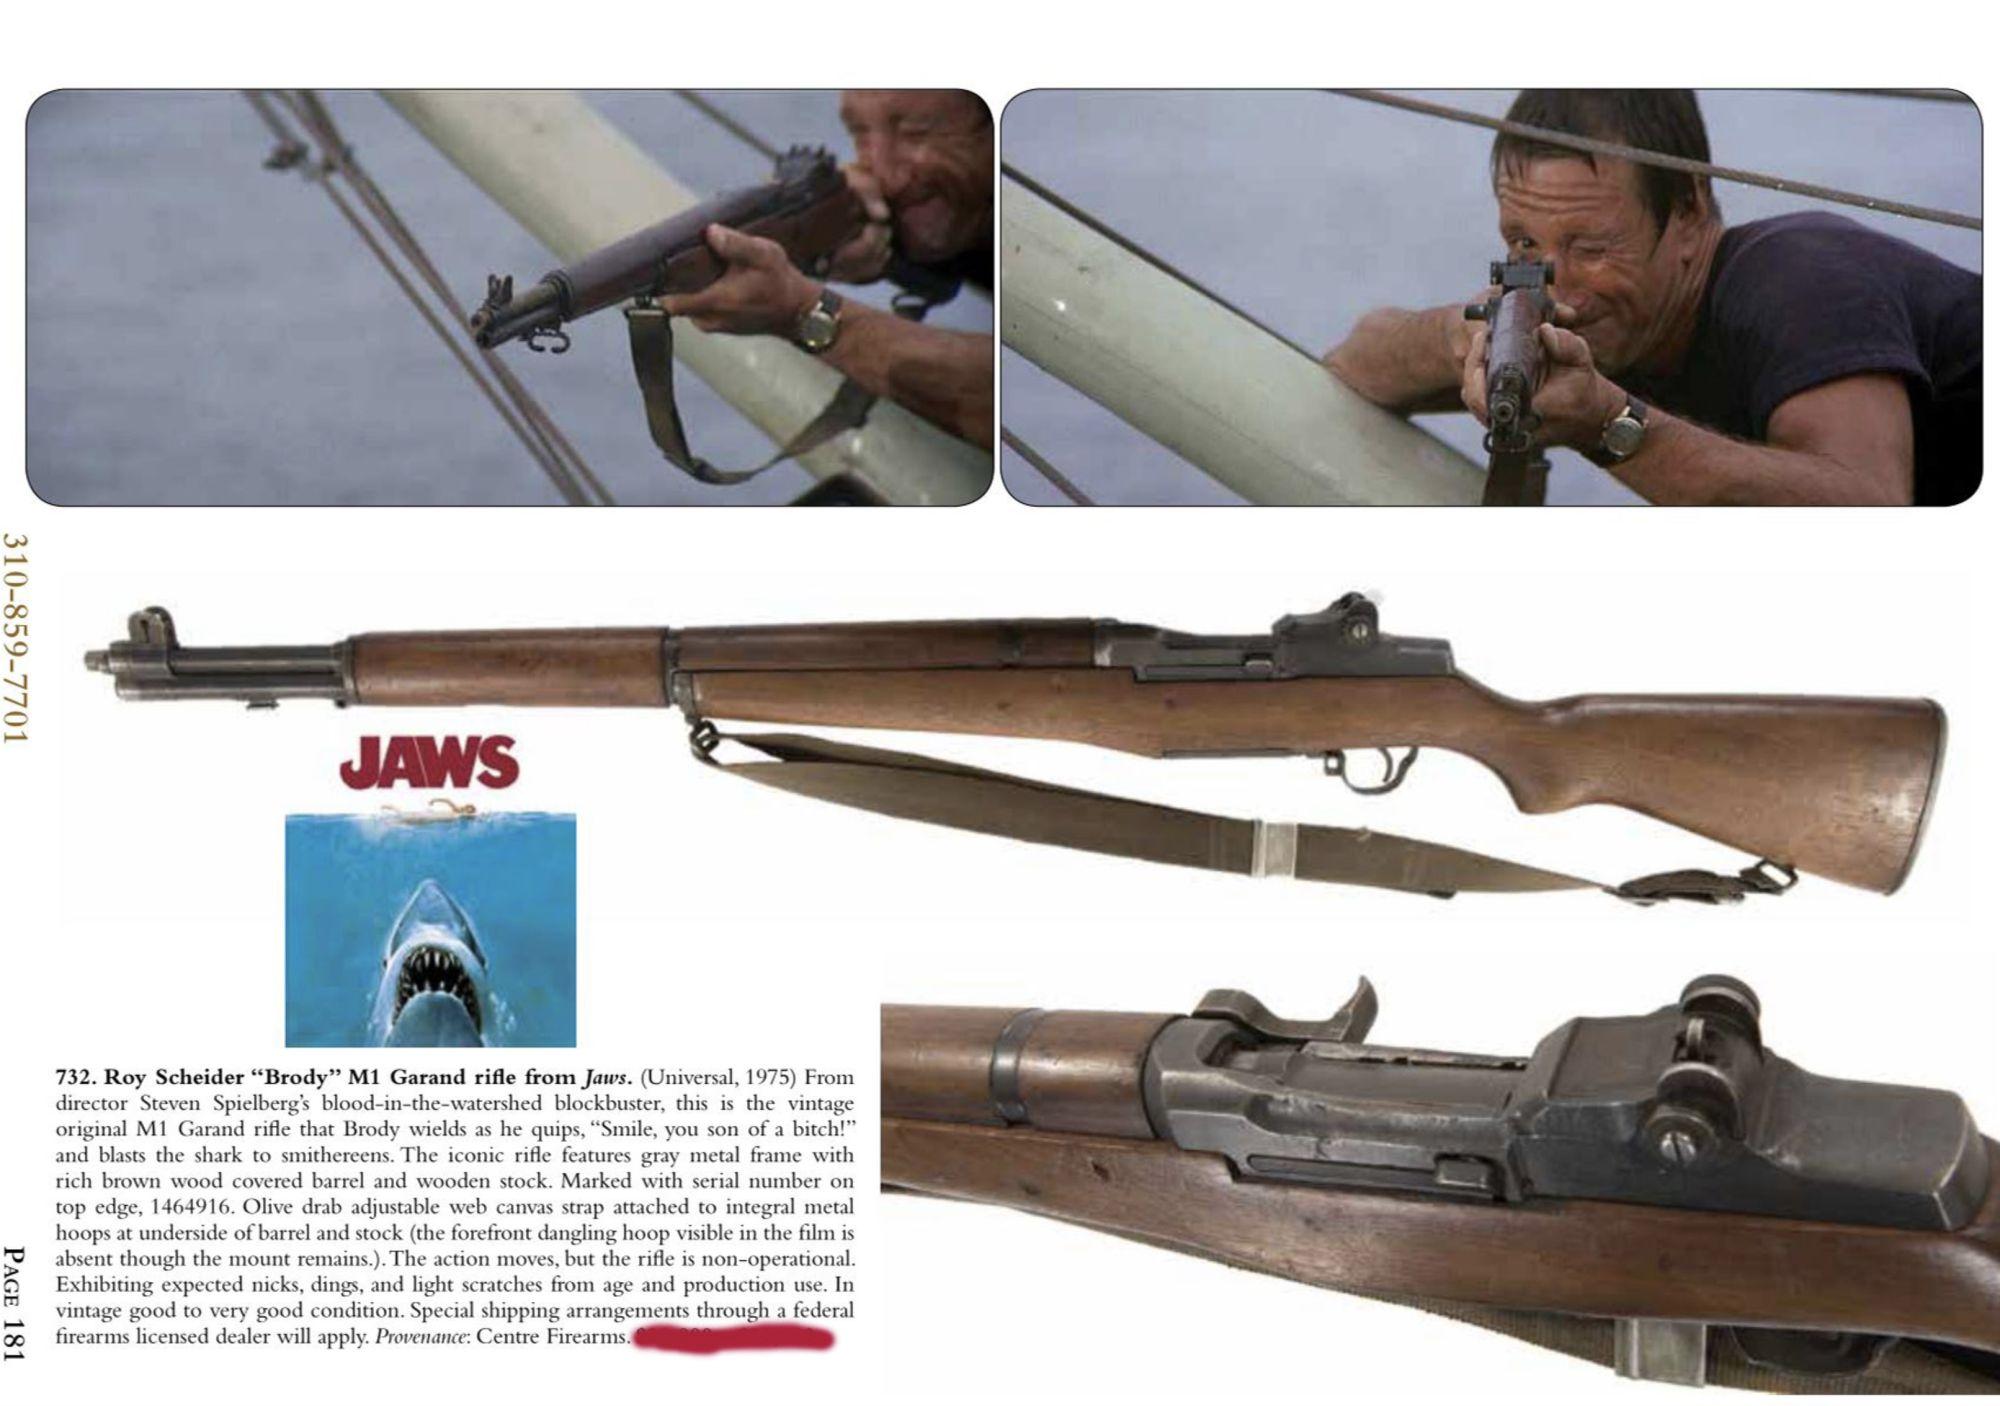 14-Jaws-Gun